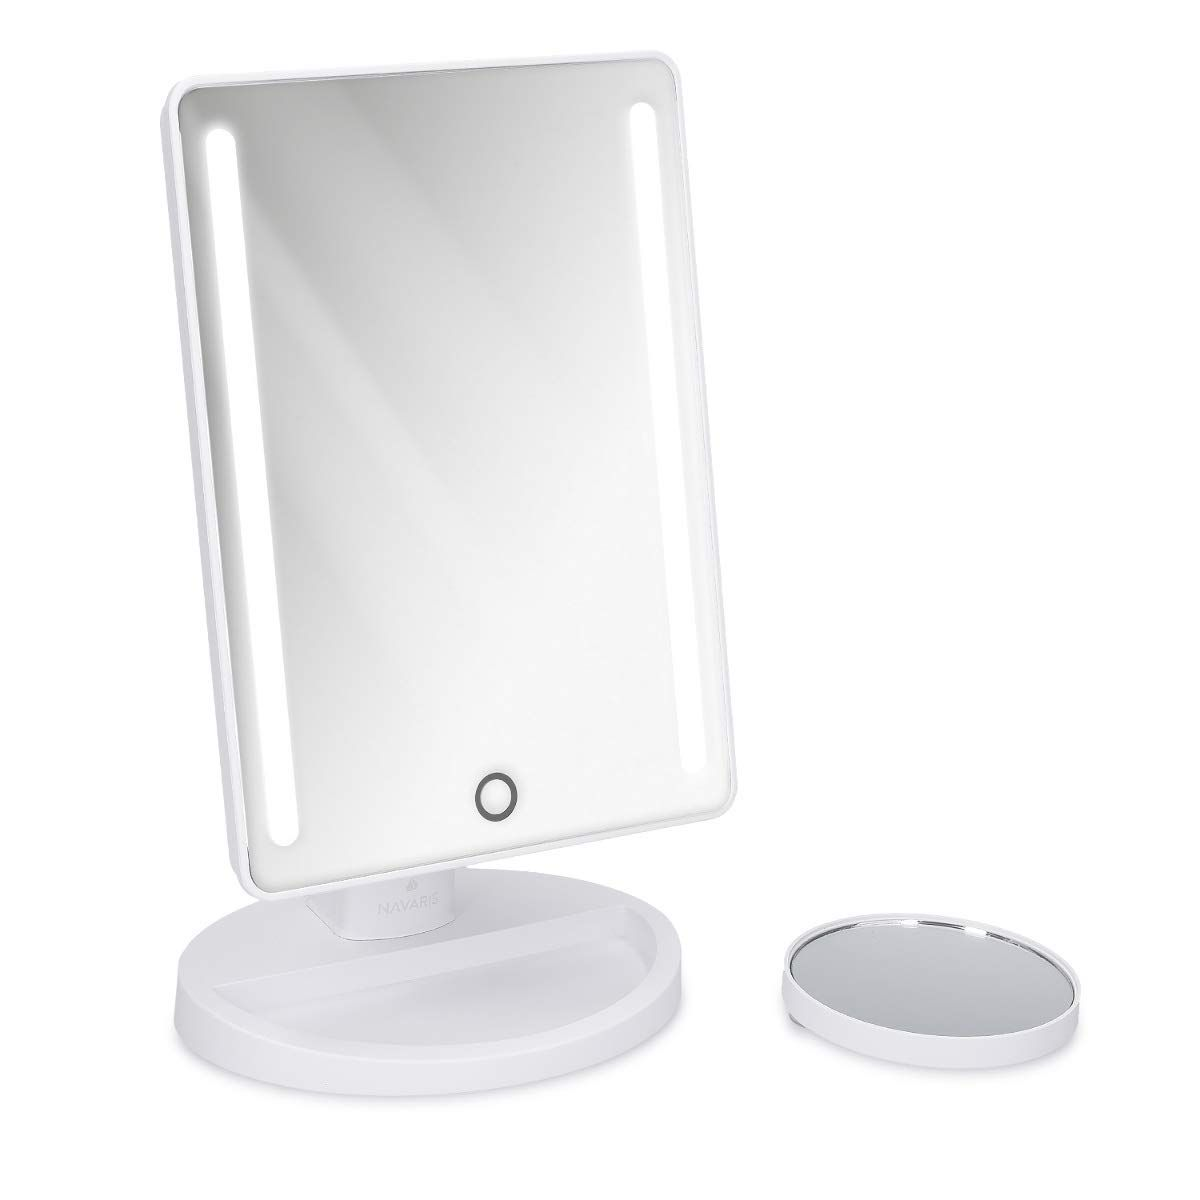 Deusenfeld Wl7efa Akku Batterie Led Doppel Wand Kosmetikspiegel 7x Vergrosserung Normalspiegel O20cm 360 Vertikal Und Horizo In 2020 Kosmetikspiegel Led Spiegel